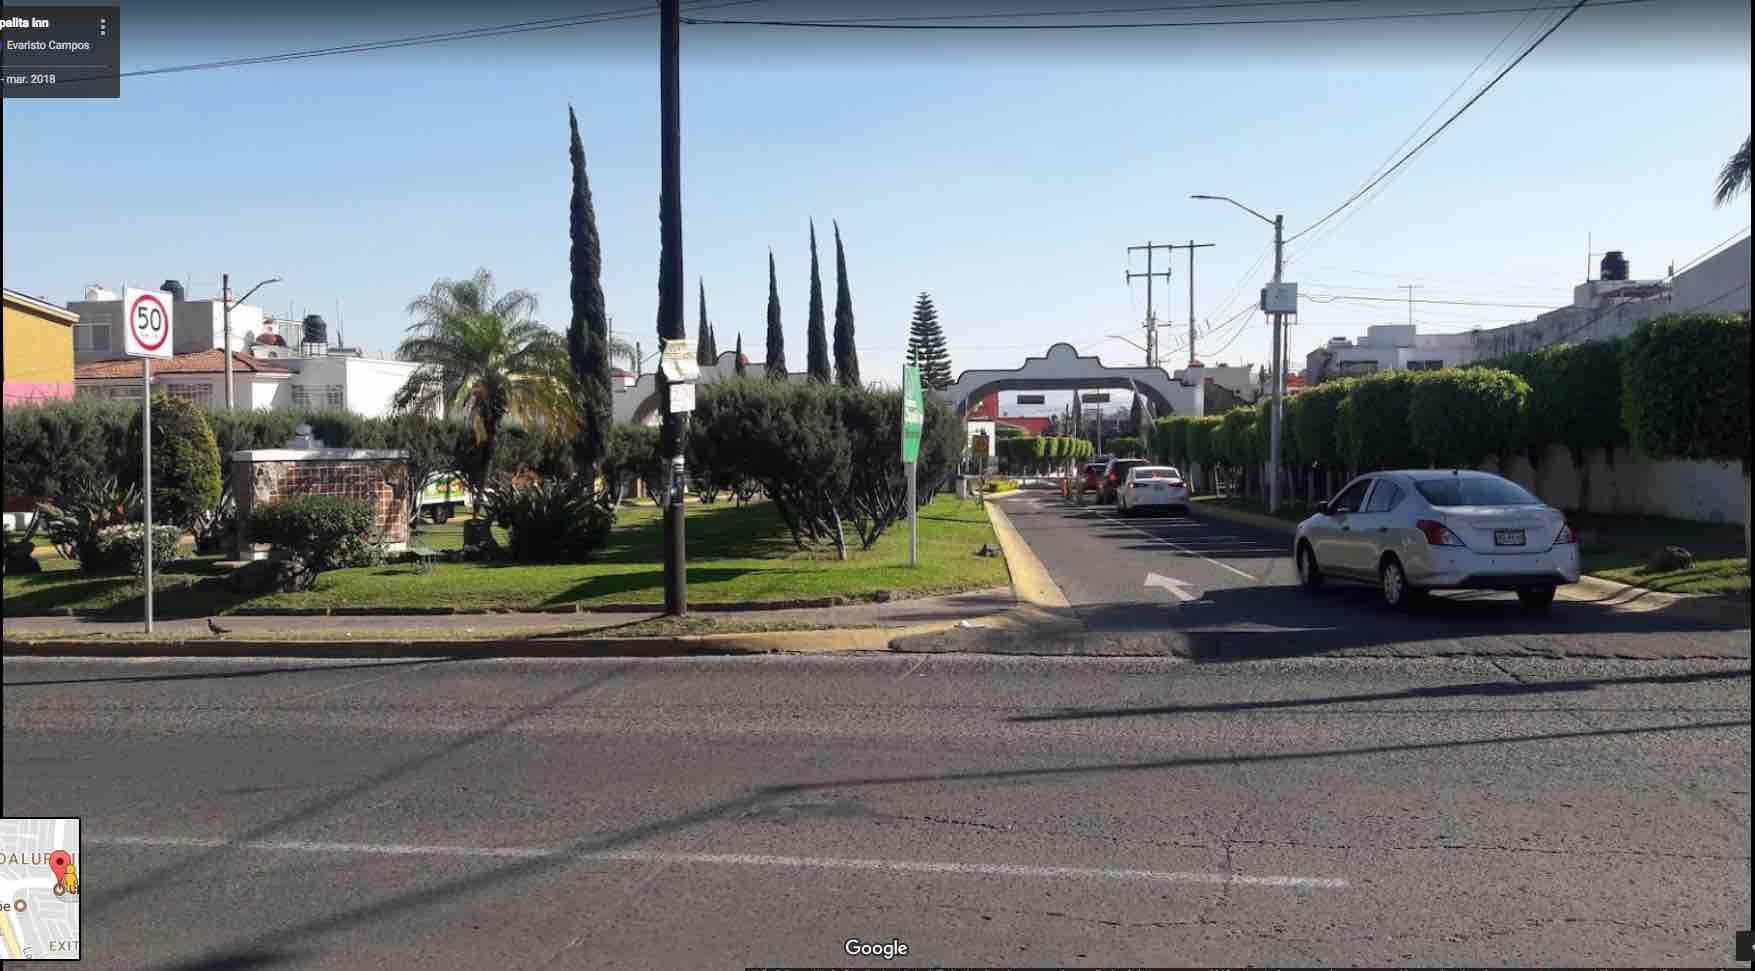 Fracc. Chapalita Inn, Av. Guadalupe 6601, Calle Tintoreros 55, Zapopan, Jal. C.P. 45037